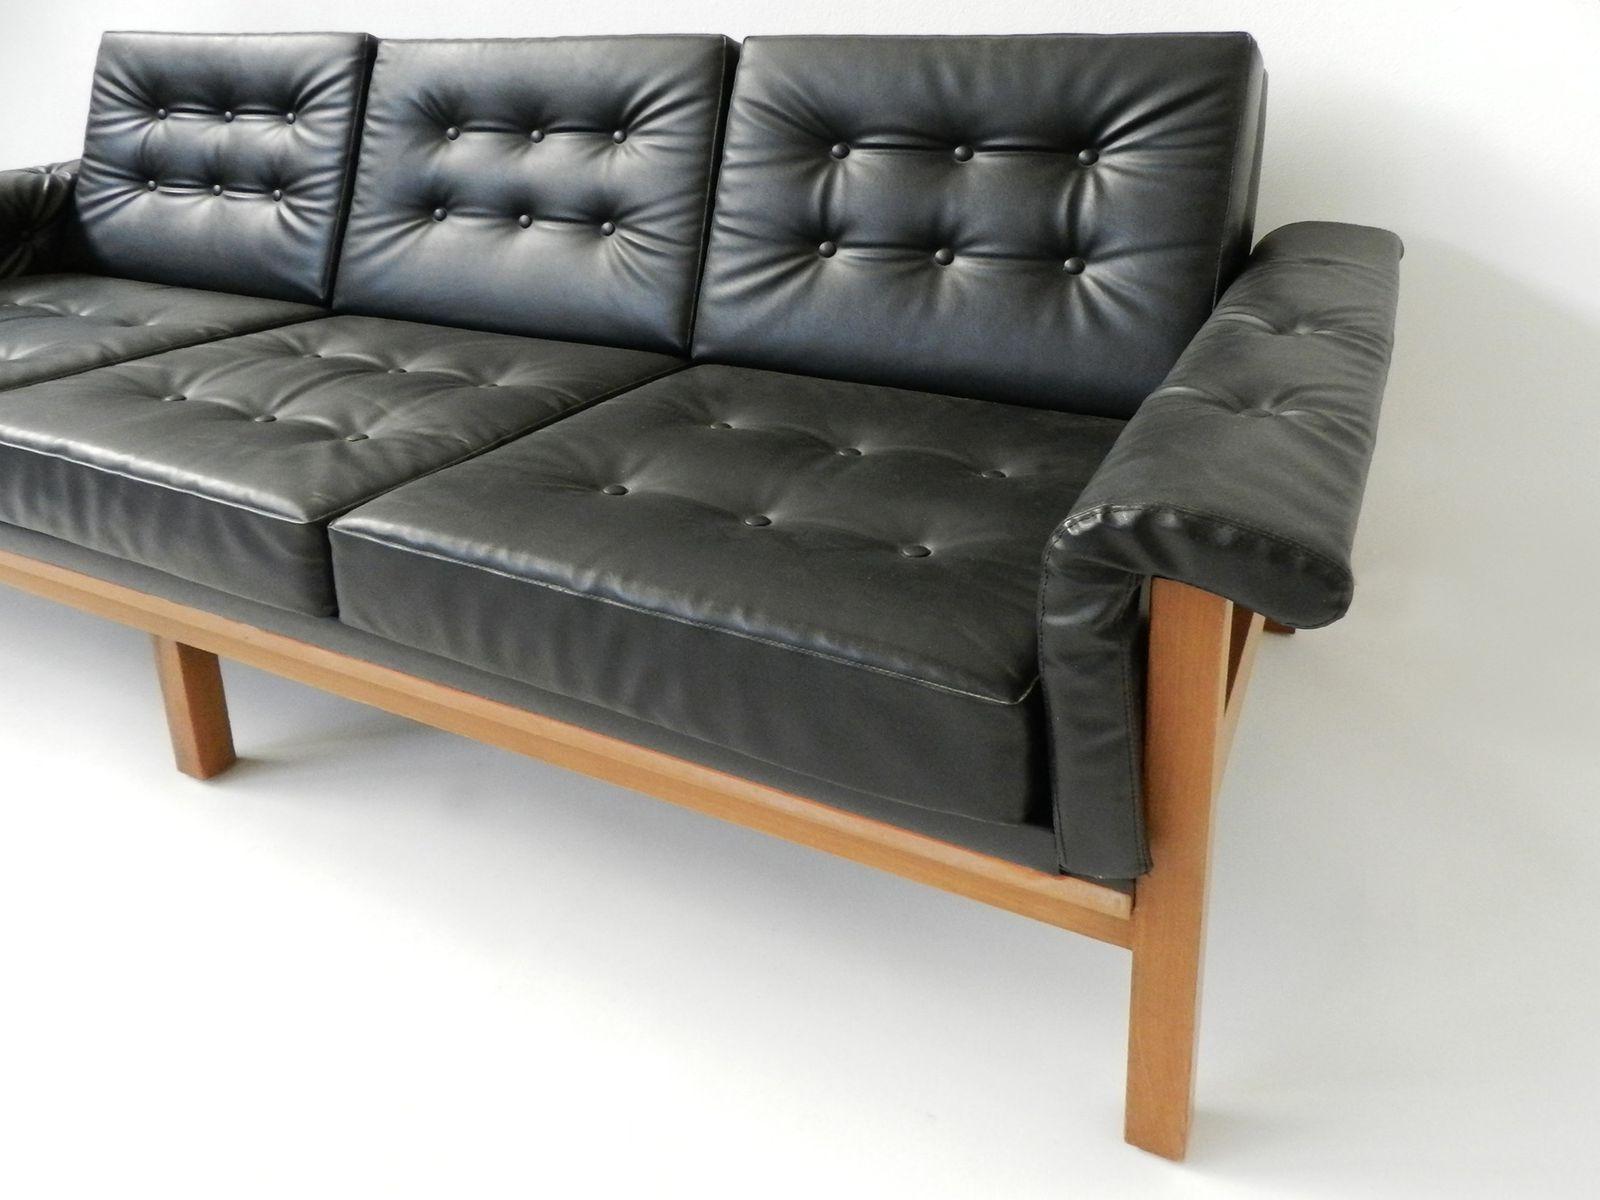 Sofa De Escai D0dg sofà Danà S Mid Century De 3 asientos De Escai En Negro En Venta En